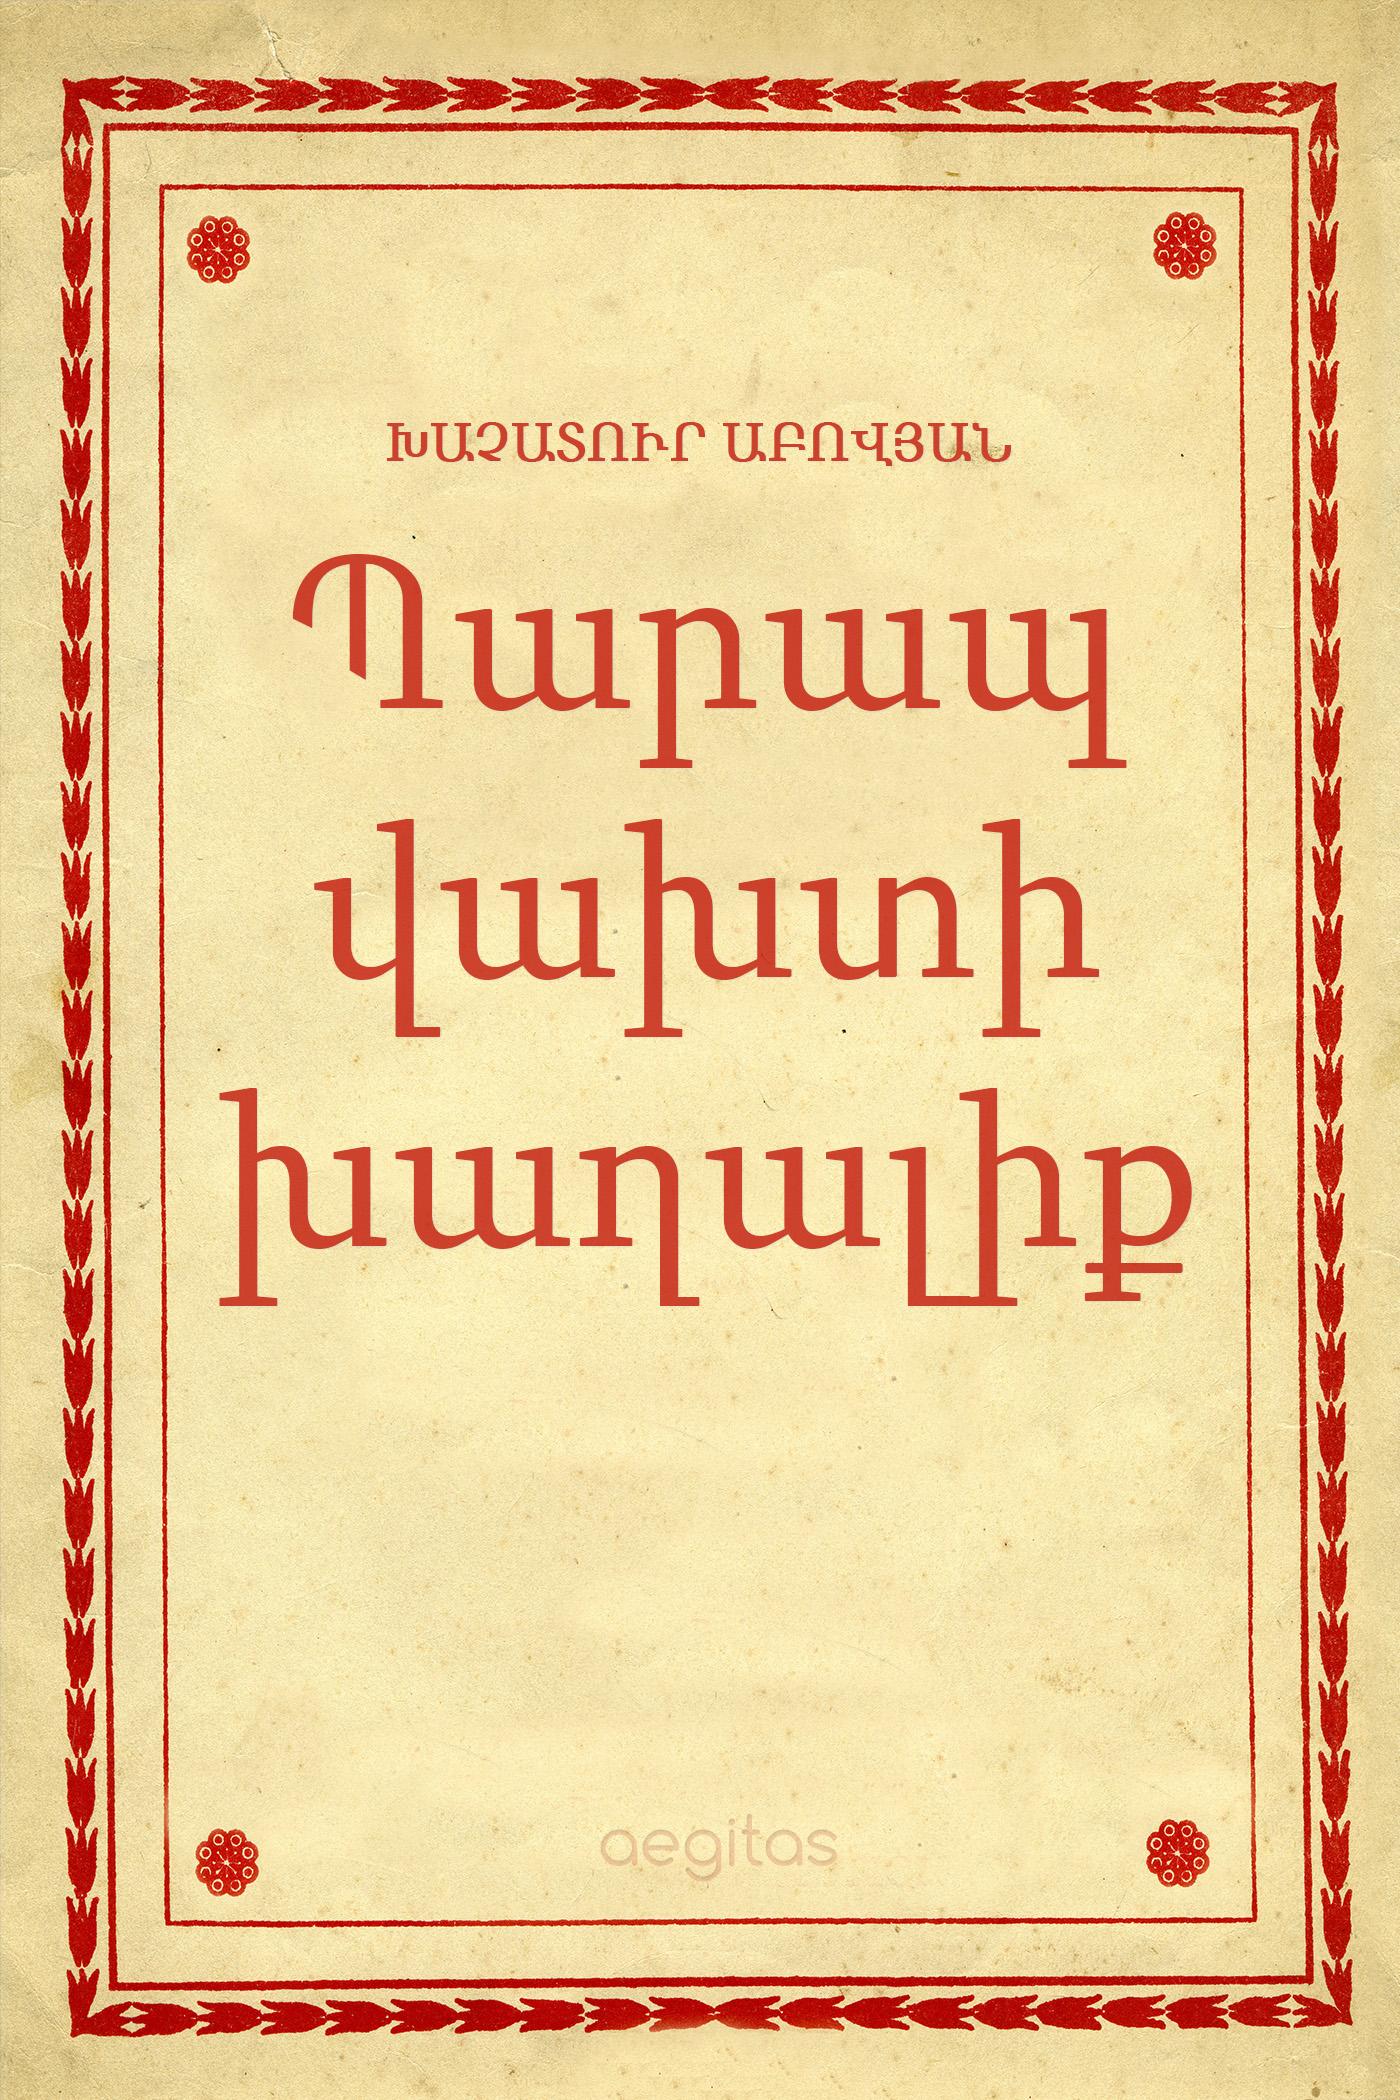 Խաչատուր Աբովյան Պարապ վախտի խաղալիք խաչատուր աբովյան վերք հայաստանի